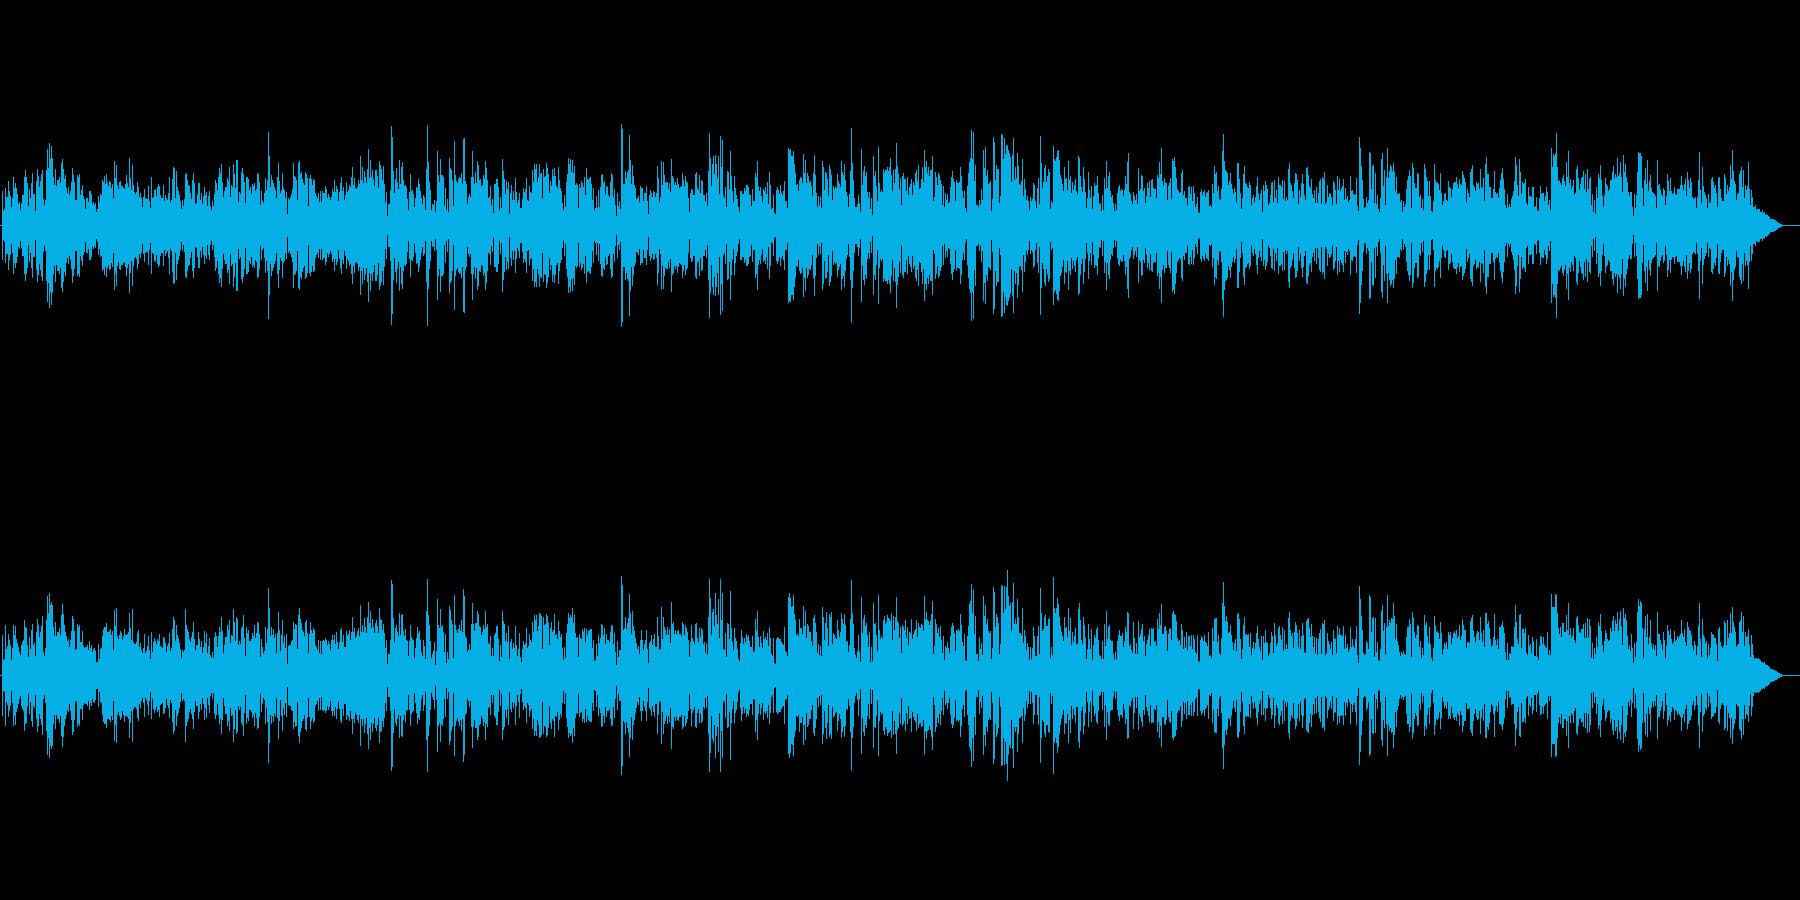 テンションを上げる気分向上ジャズBGMの再生済みの波形